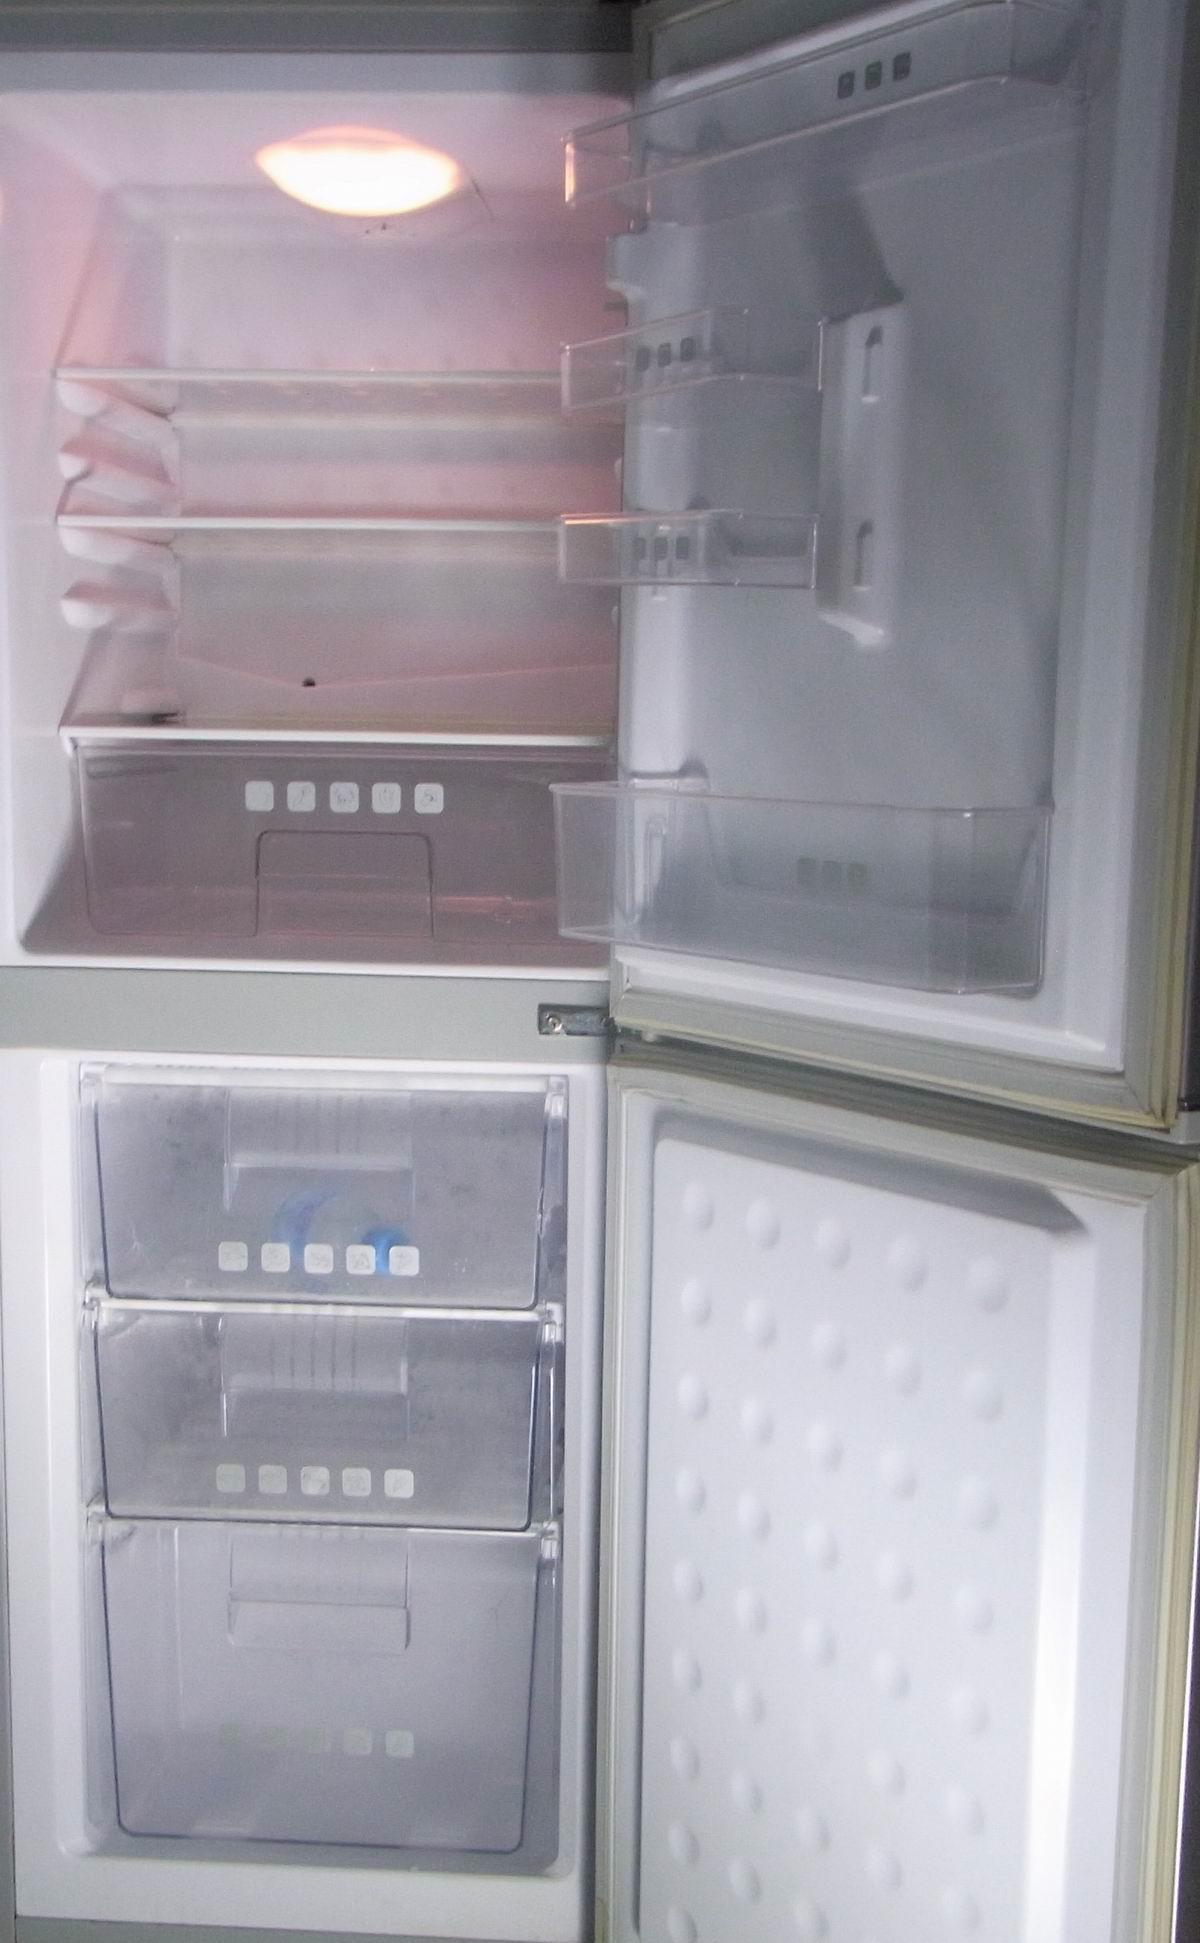 海尔冰箱排水孔疏通图解